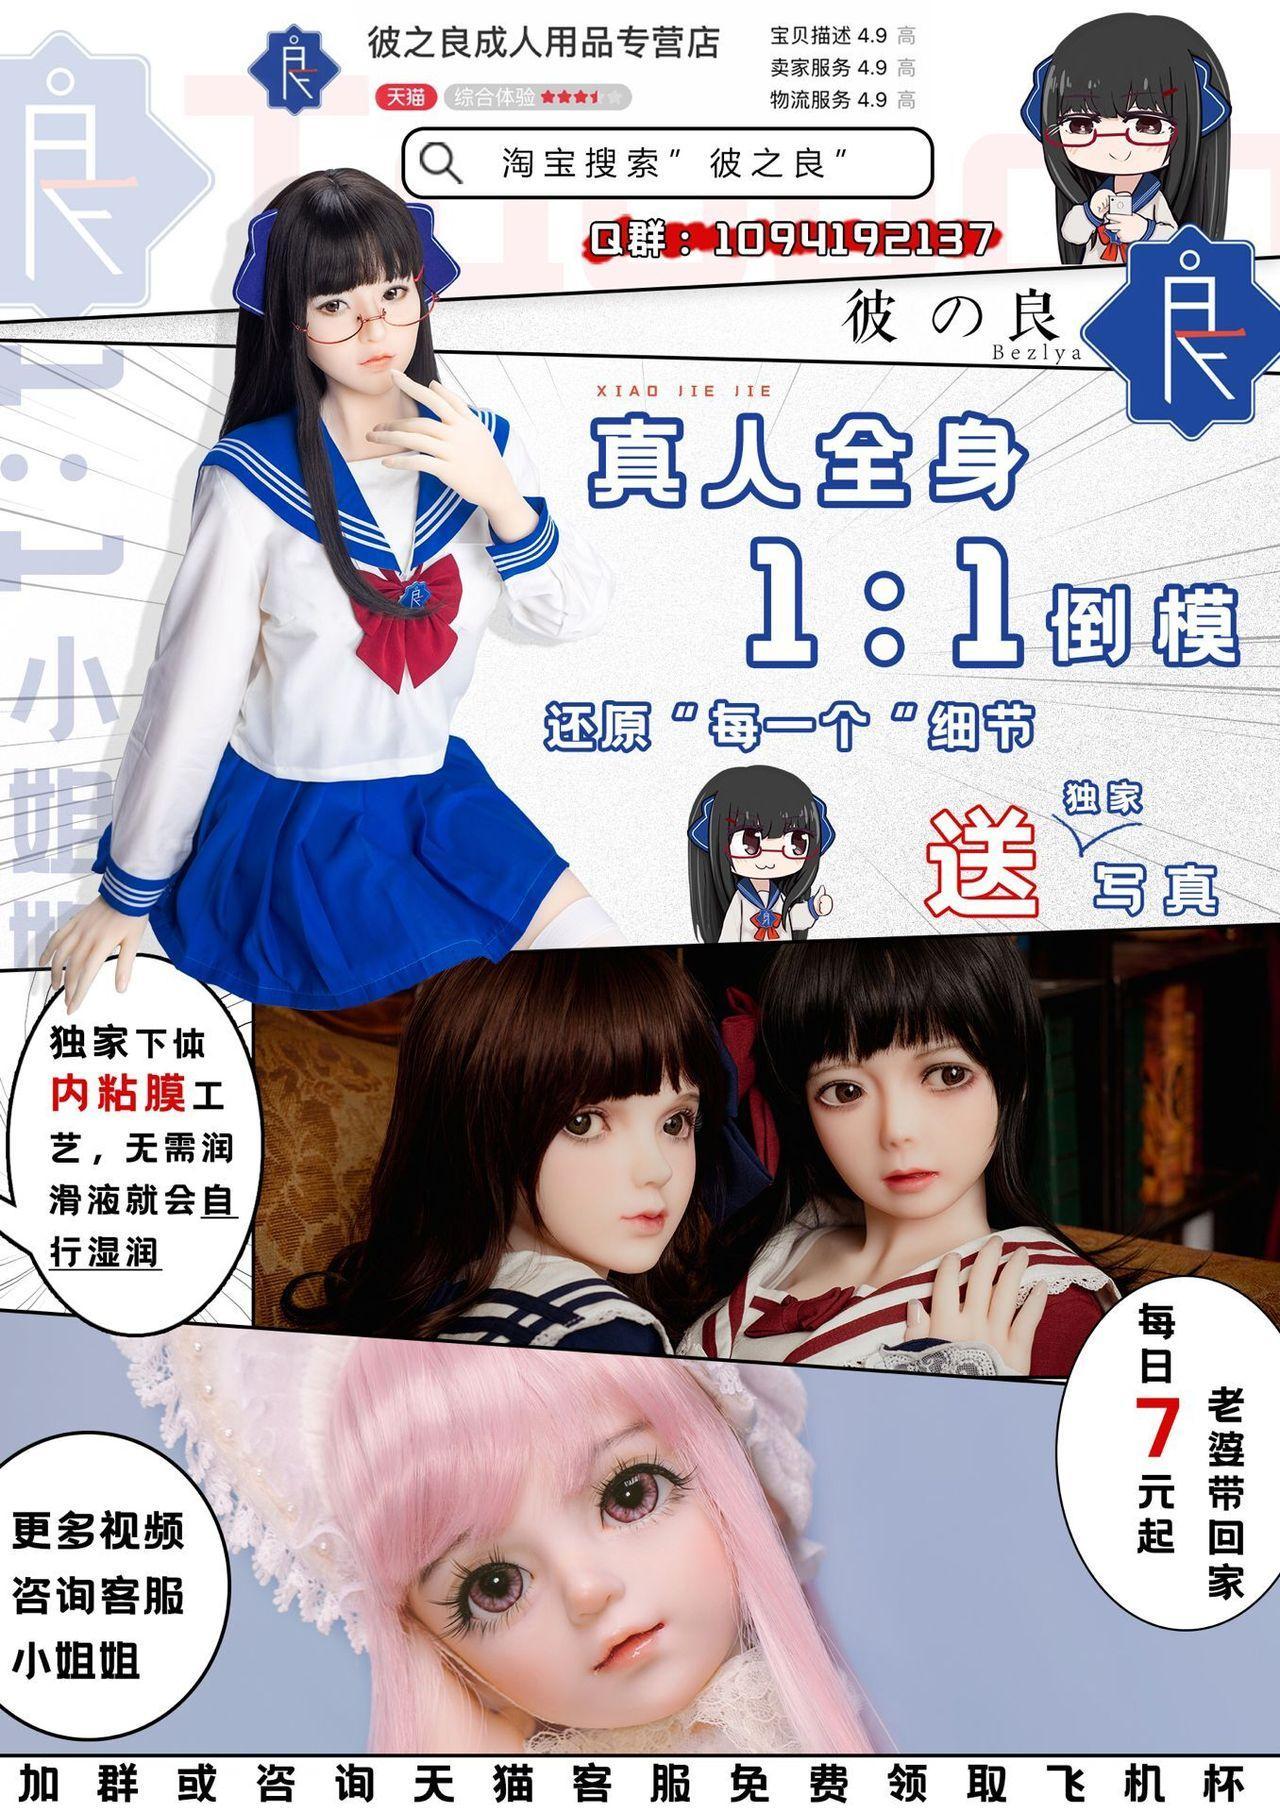 Akasuri Yubana no Chizuru-san Ha no Shou 53